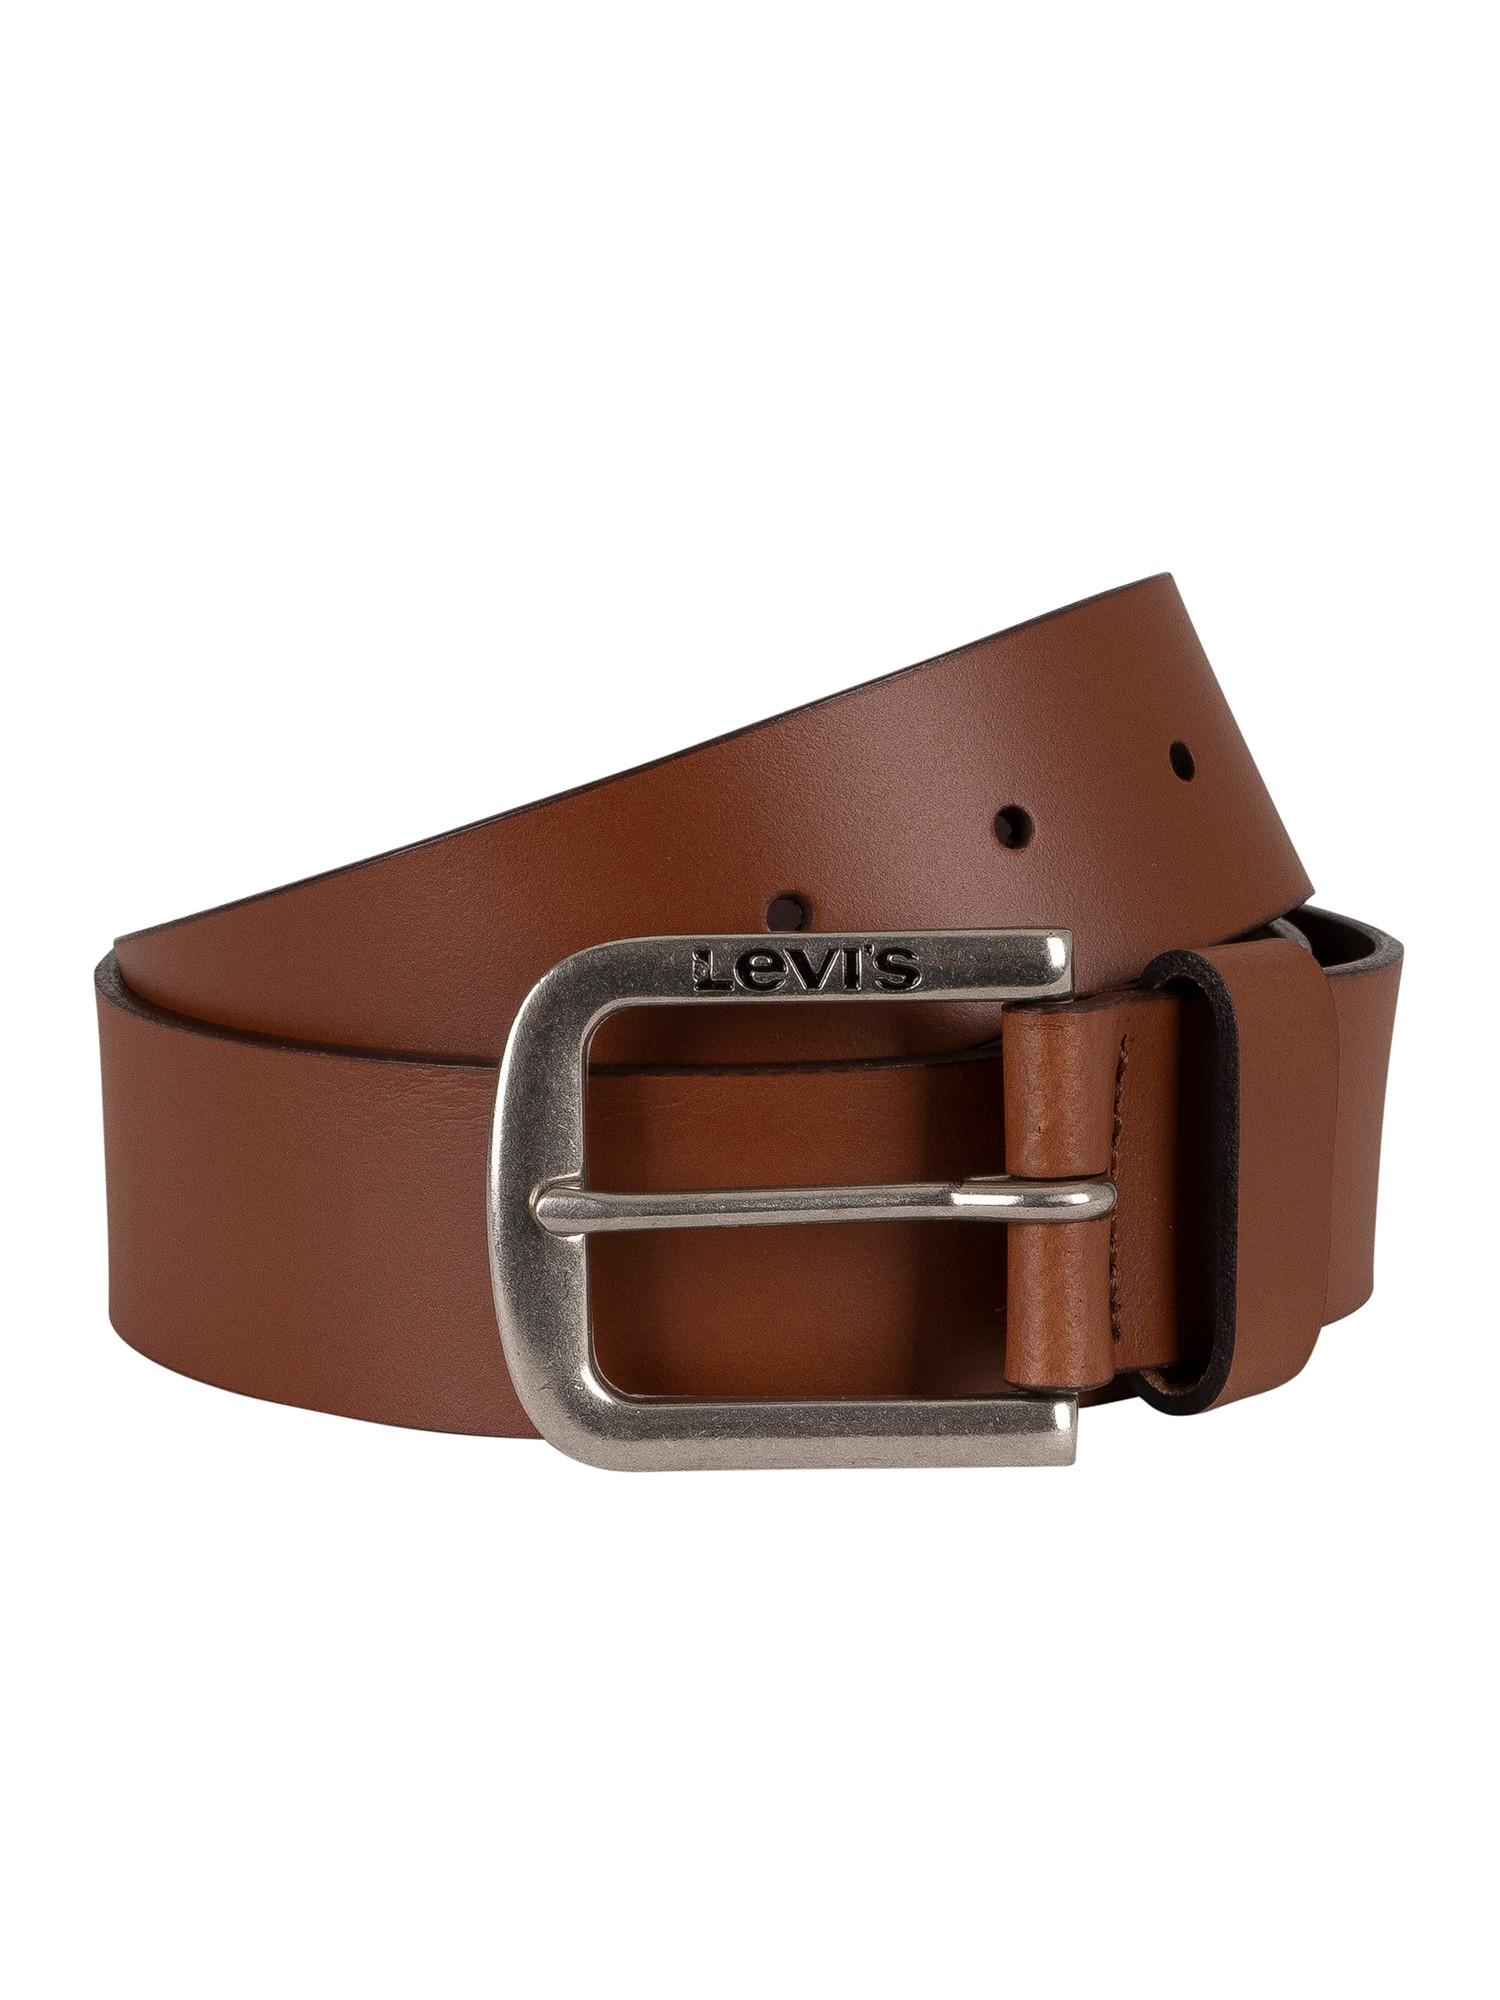 Seine Leather Belt